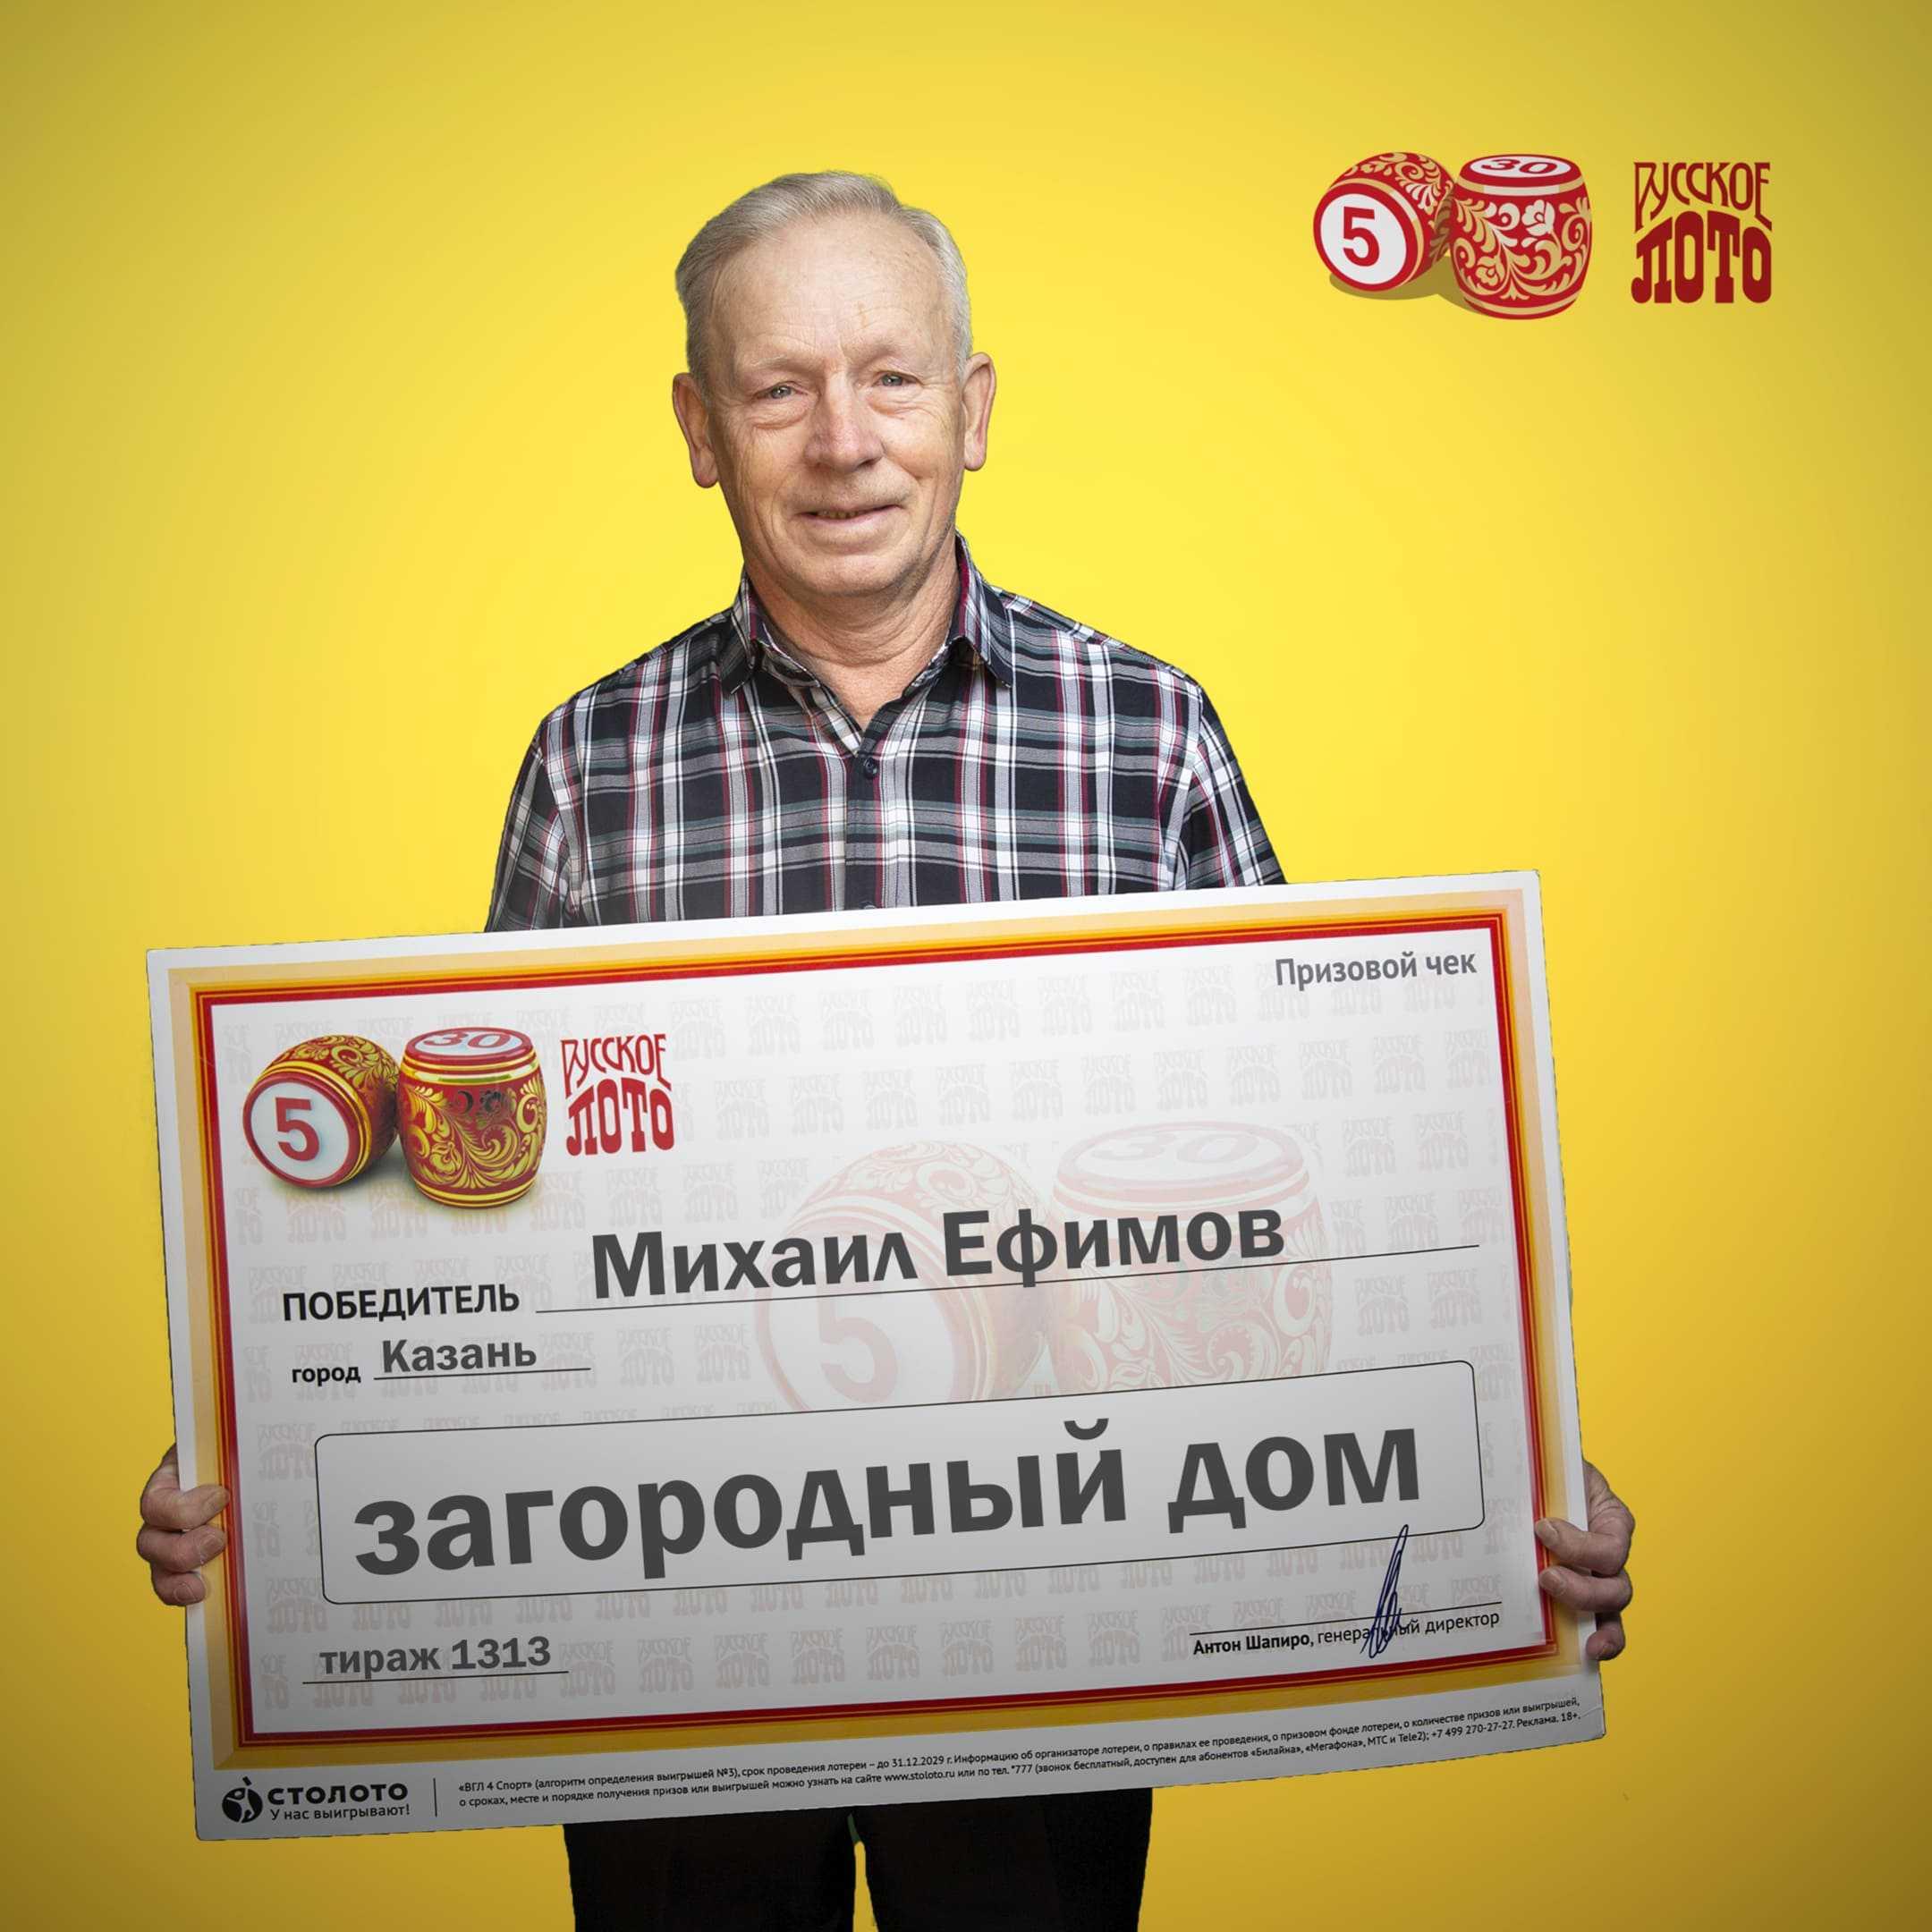 Loterie europejskie - jak kupić bilet dla rosyjskiego gracza | świat loterii